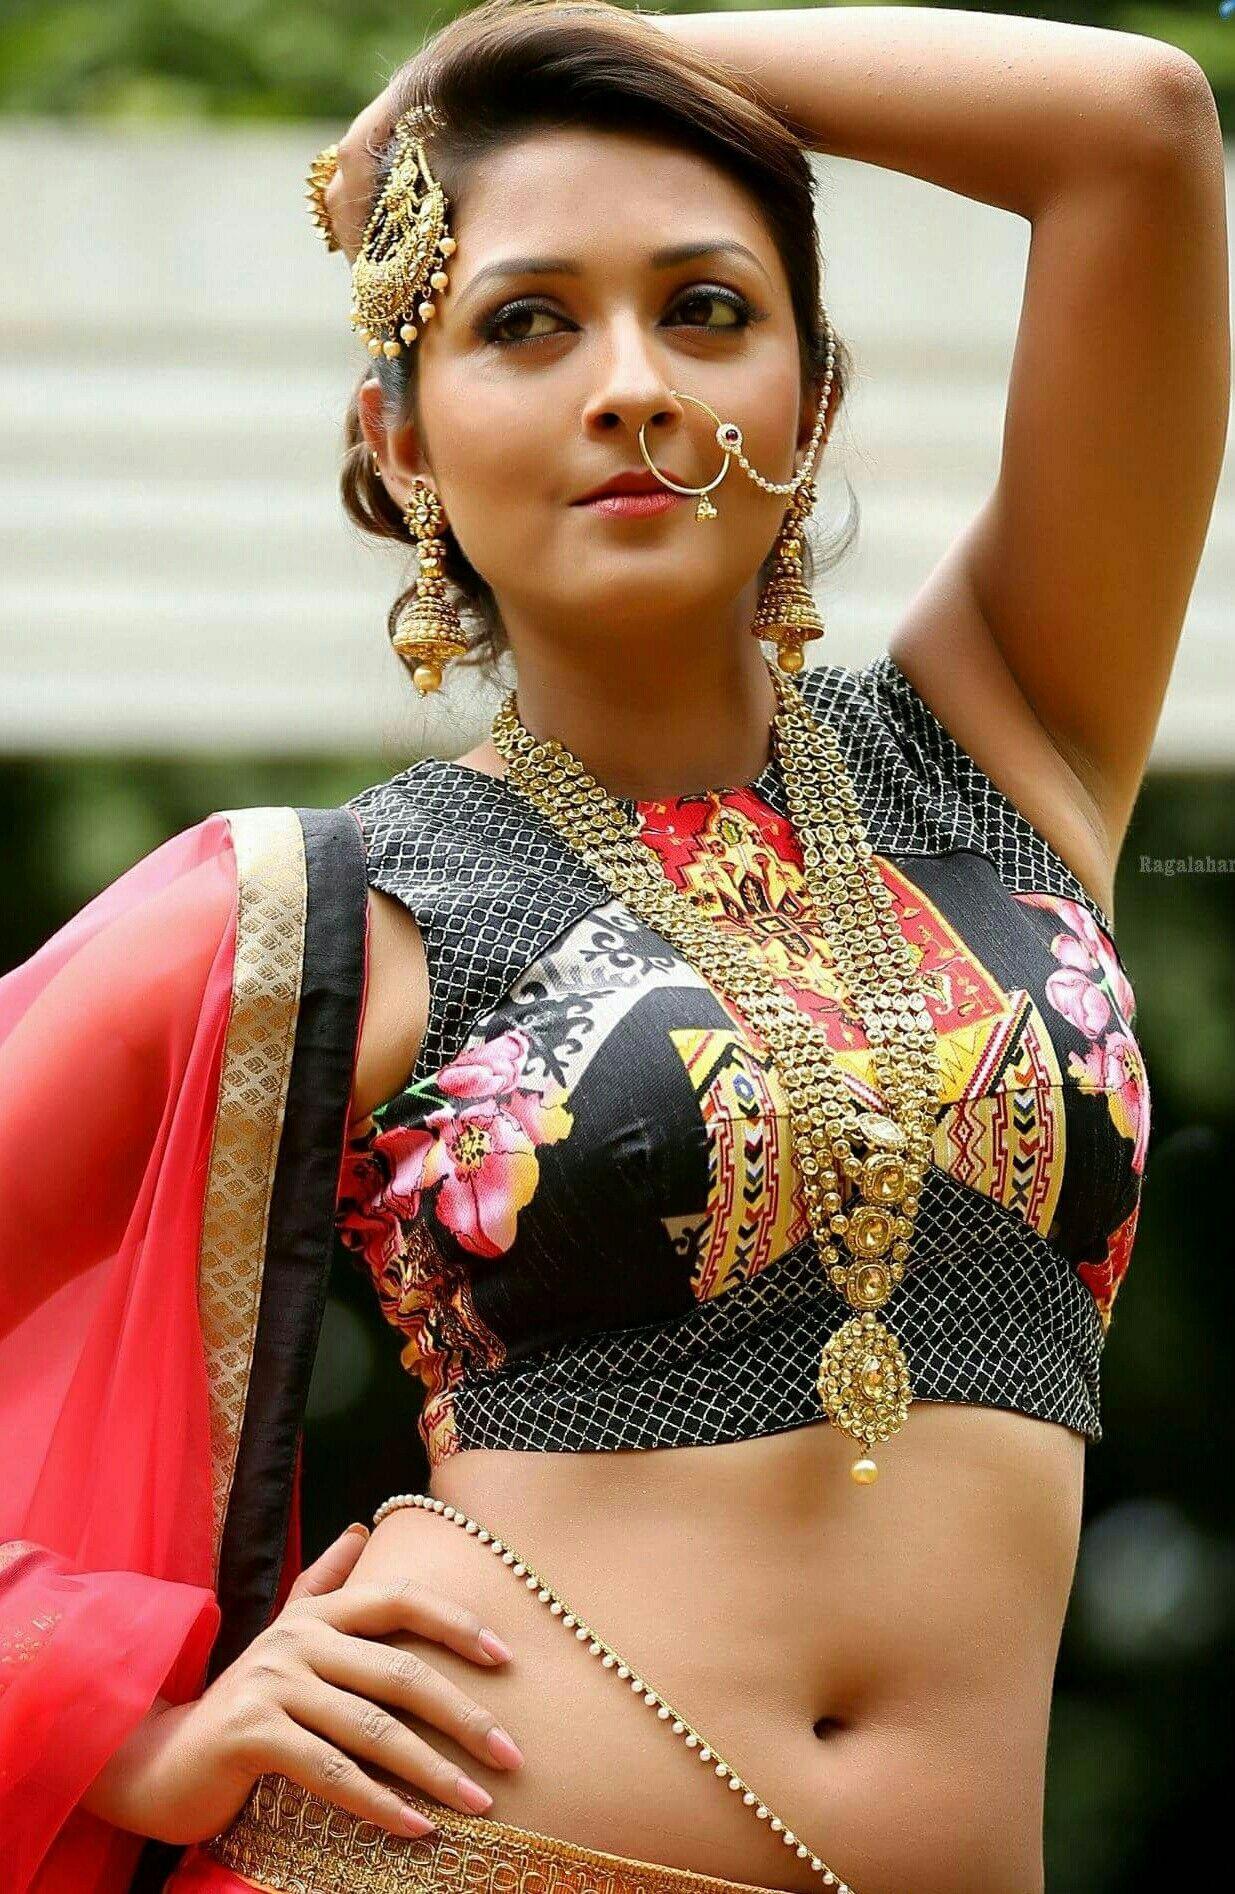 Hottest Indian Actress Hot Photos